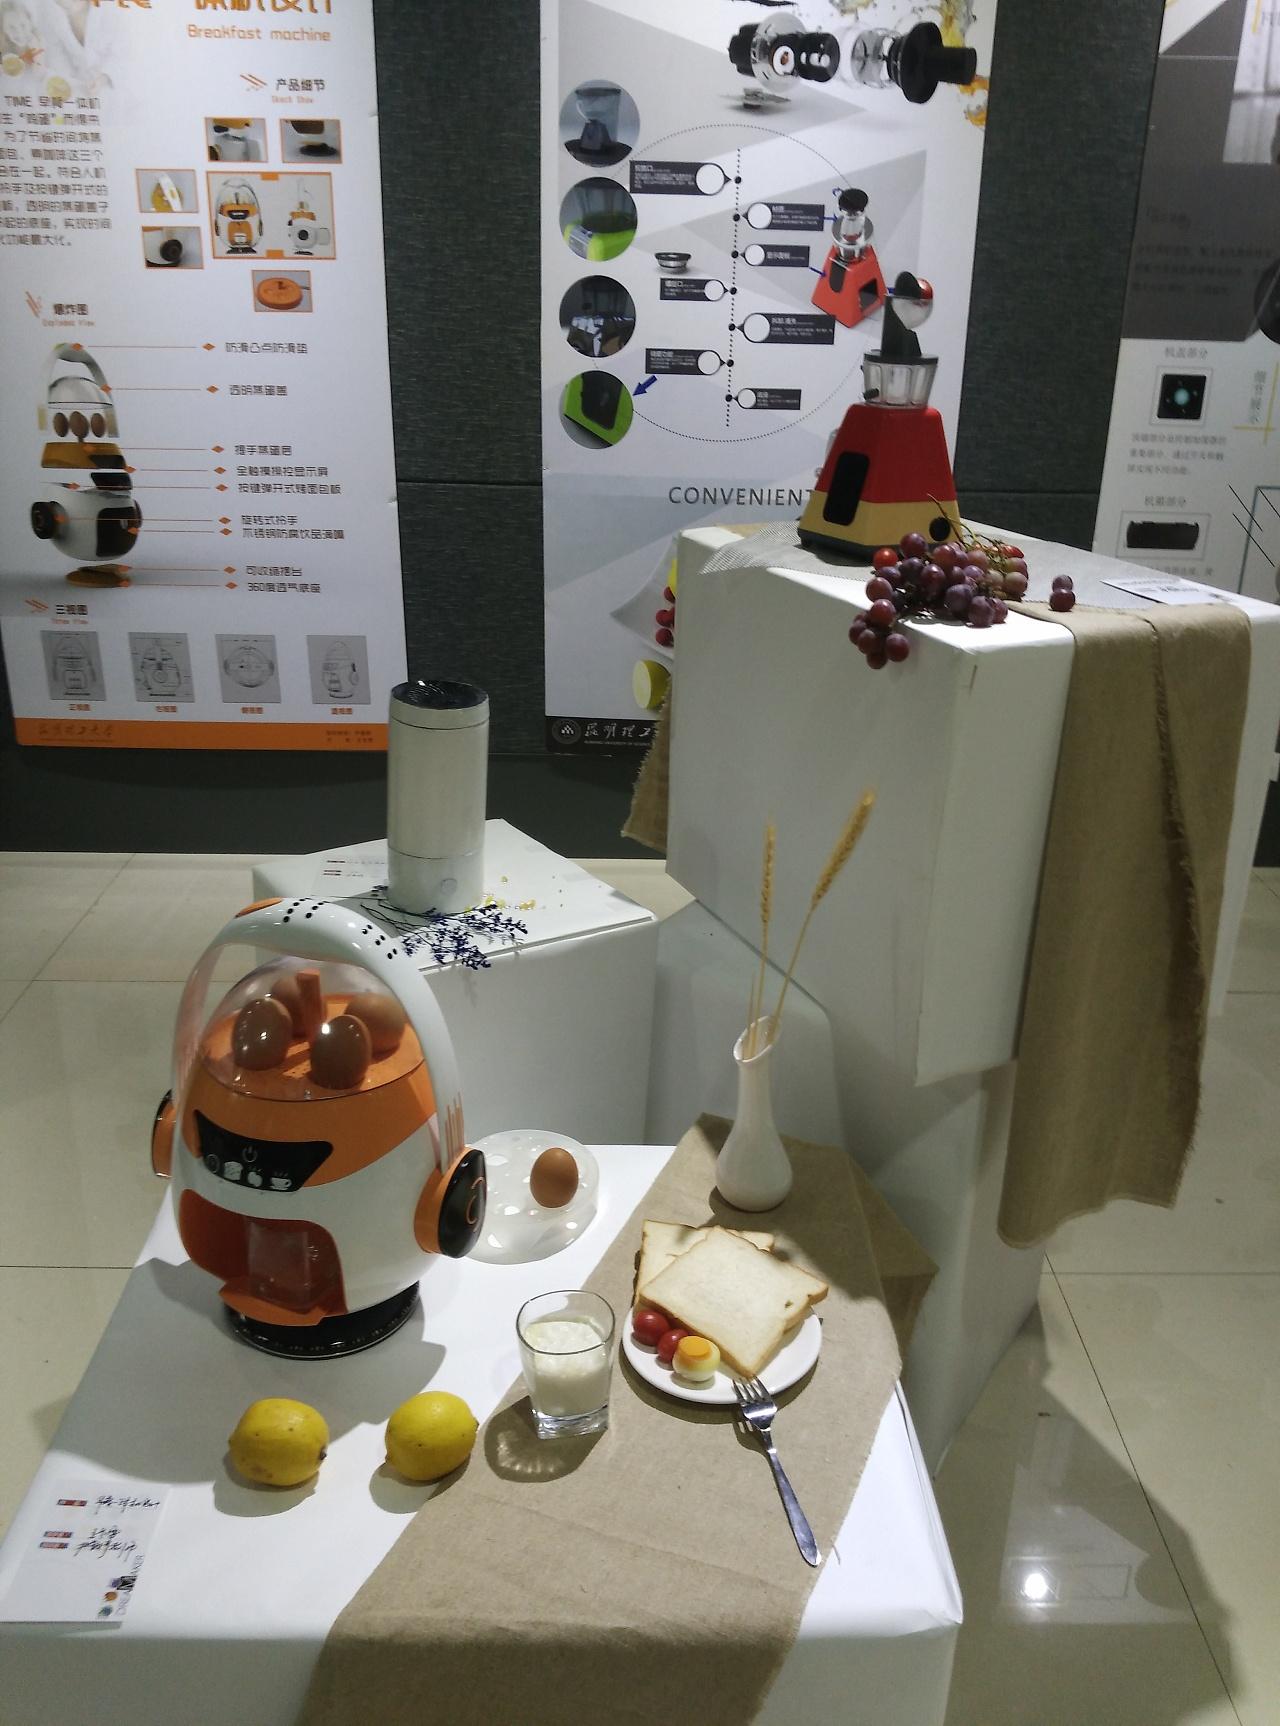 高校毕业设计作品展_昆明理工大学工业设计毕业展|工业/产品|生活用品|罗汉松就是小 ...